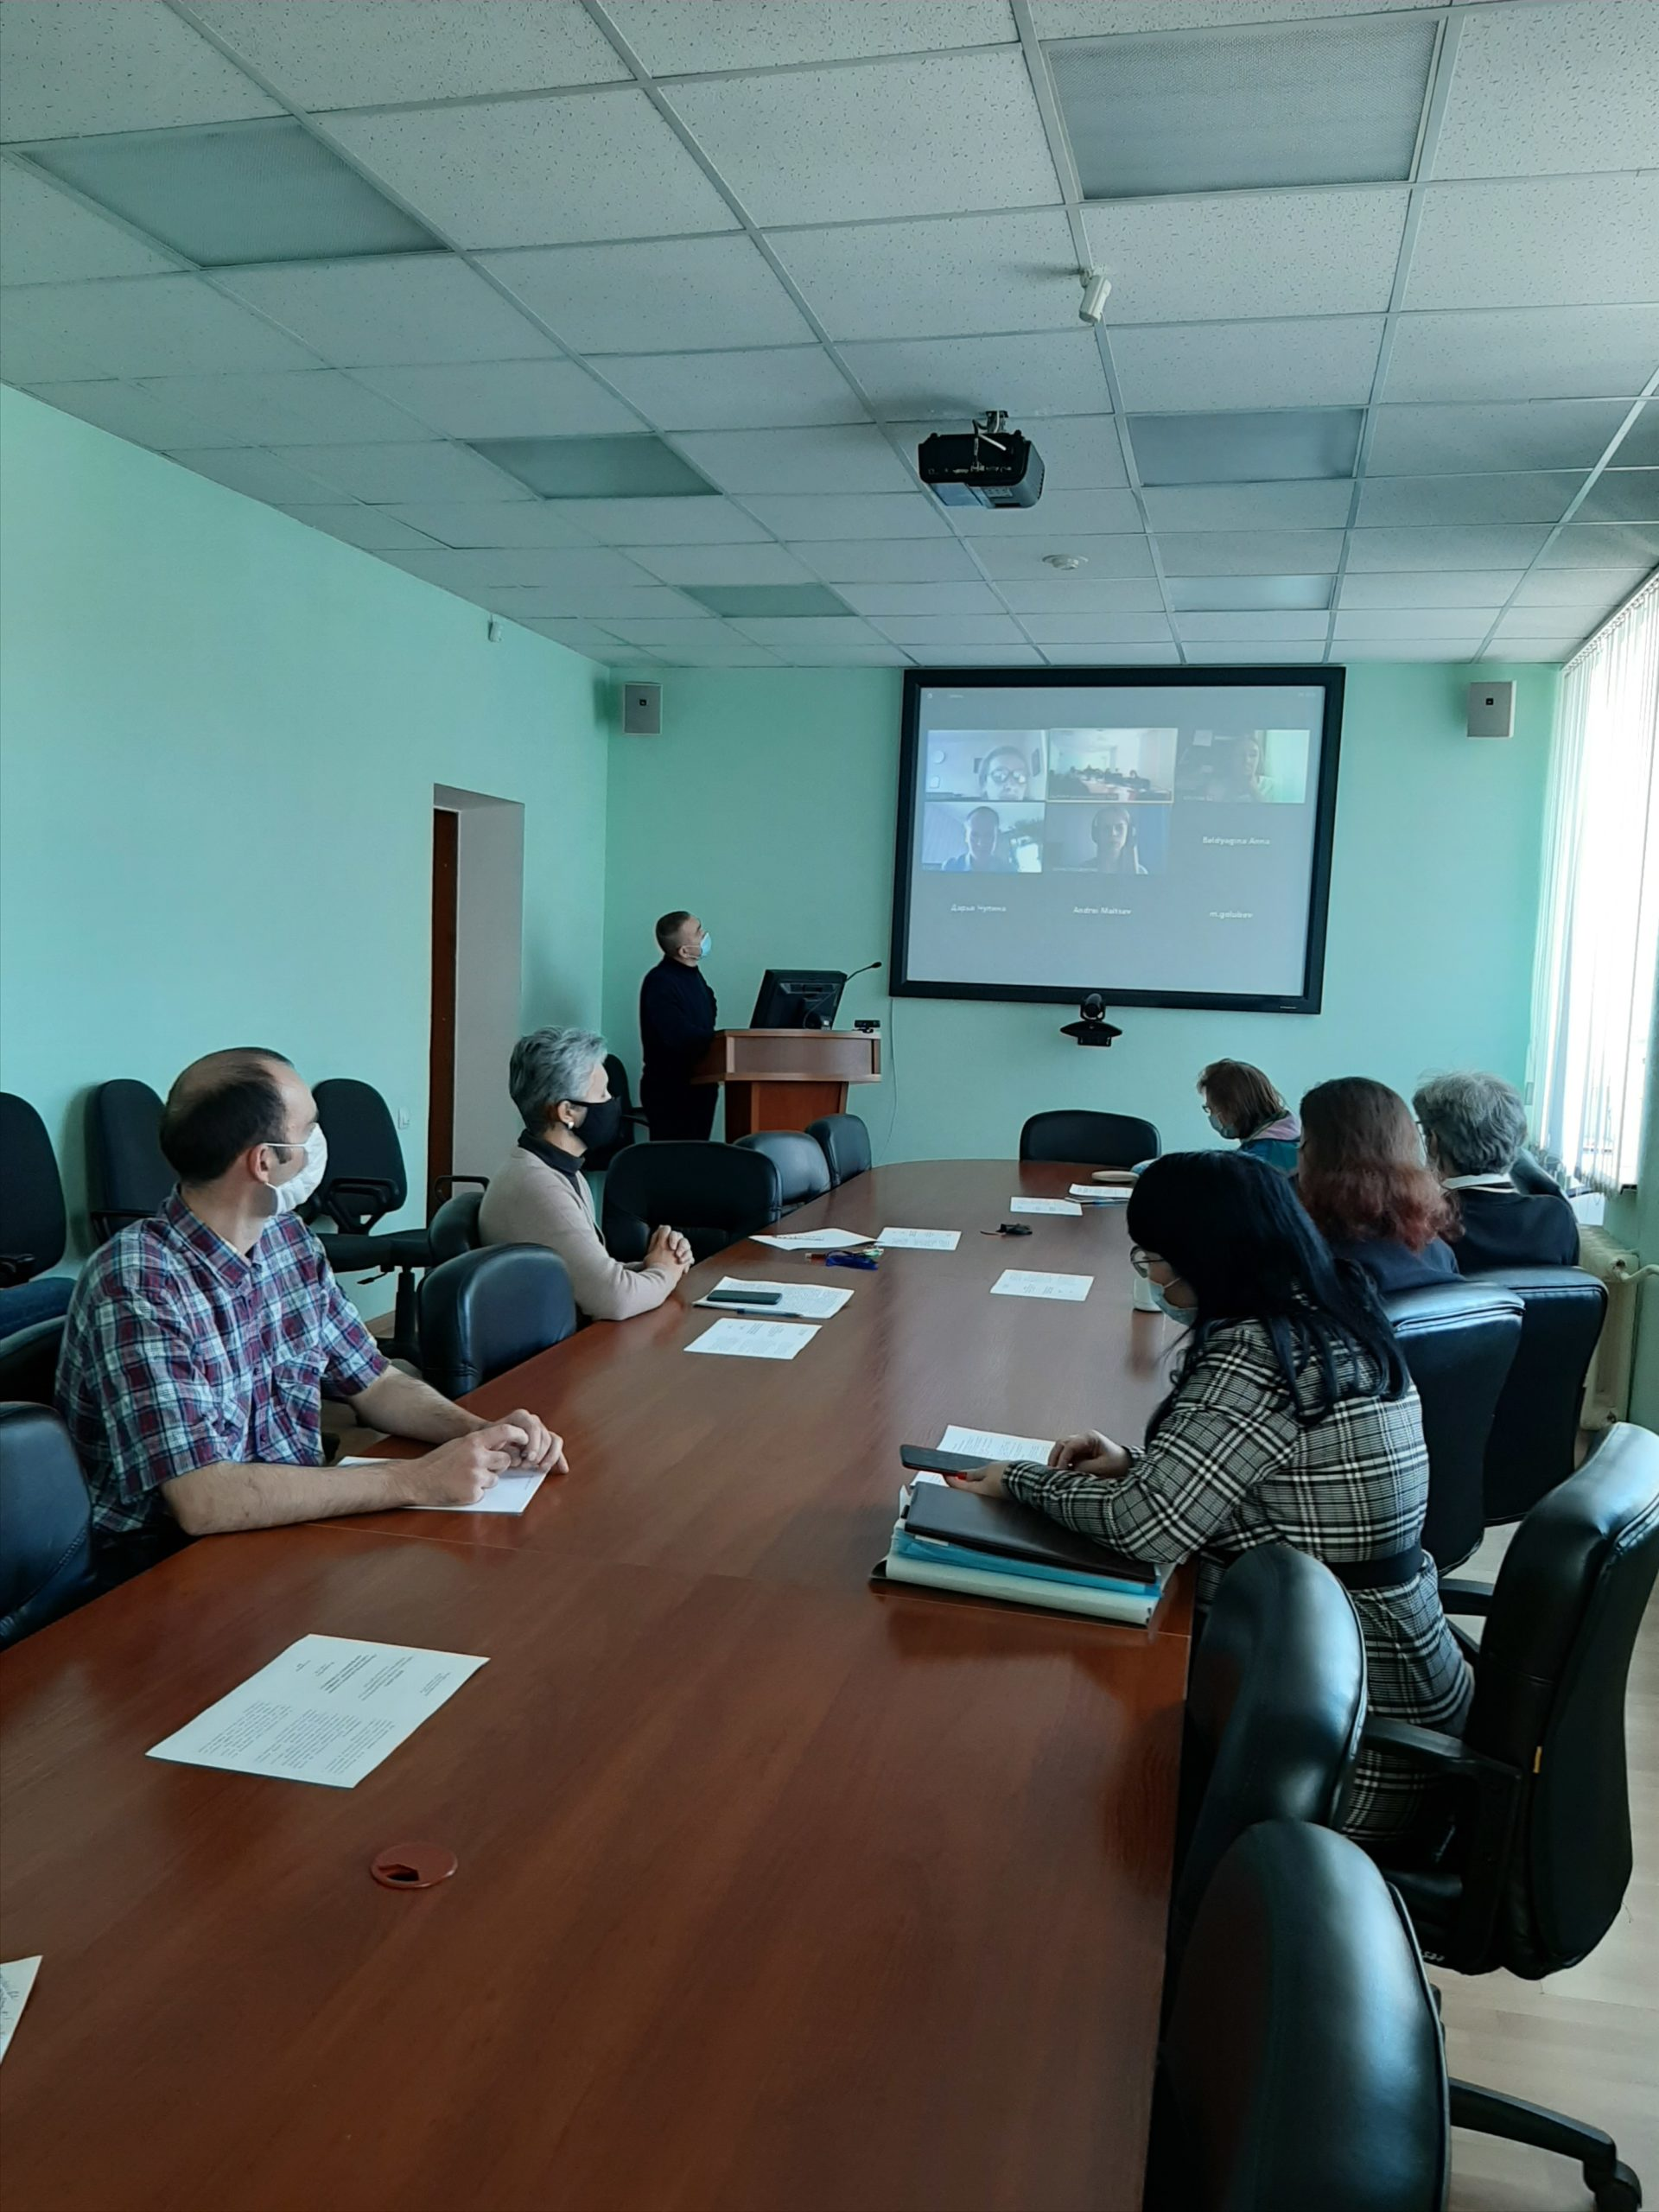 В Институте экономики УрО РАН прошел проблемный семинар «Экспортный код регионов в условиях глобальной пандемии: специфика, трансформация и устойчивость»